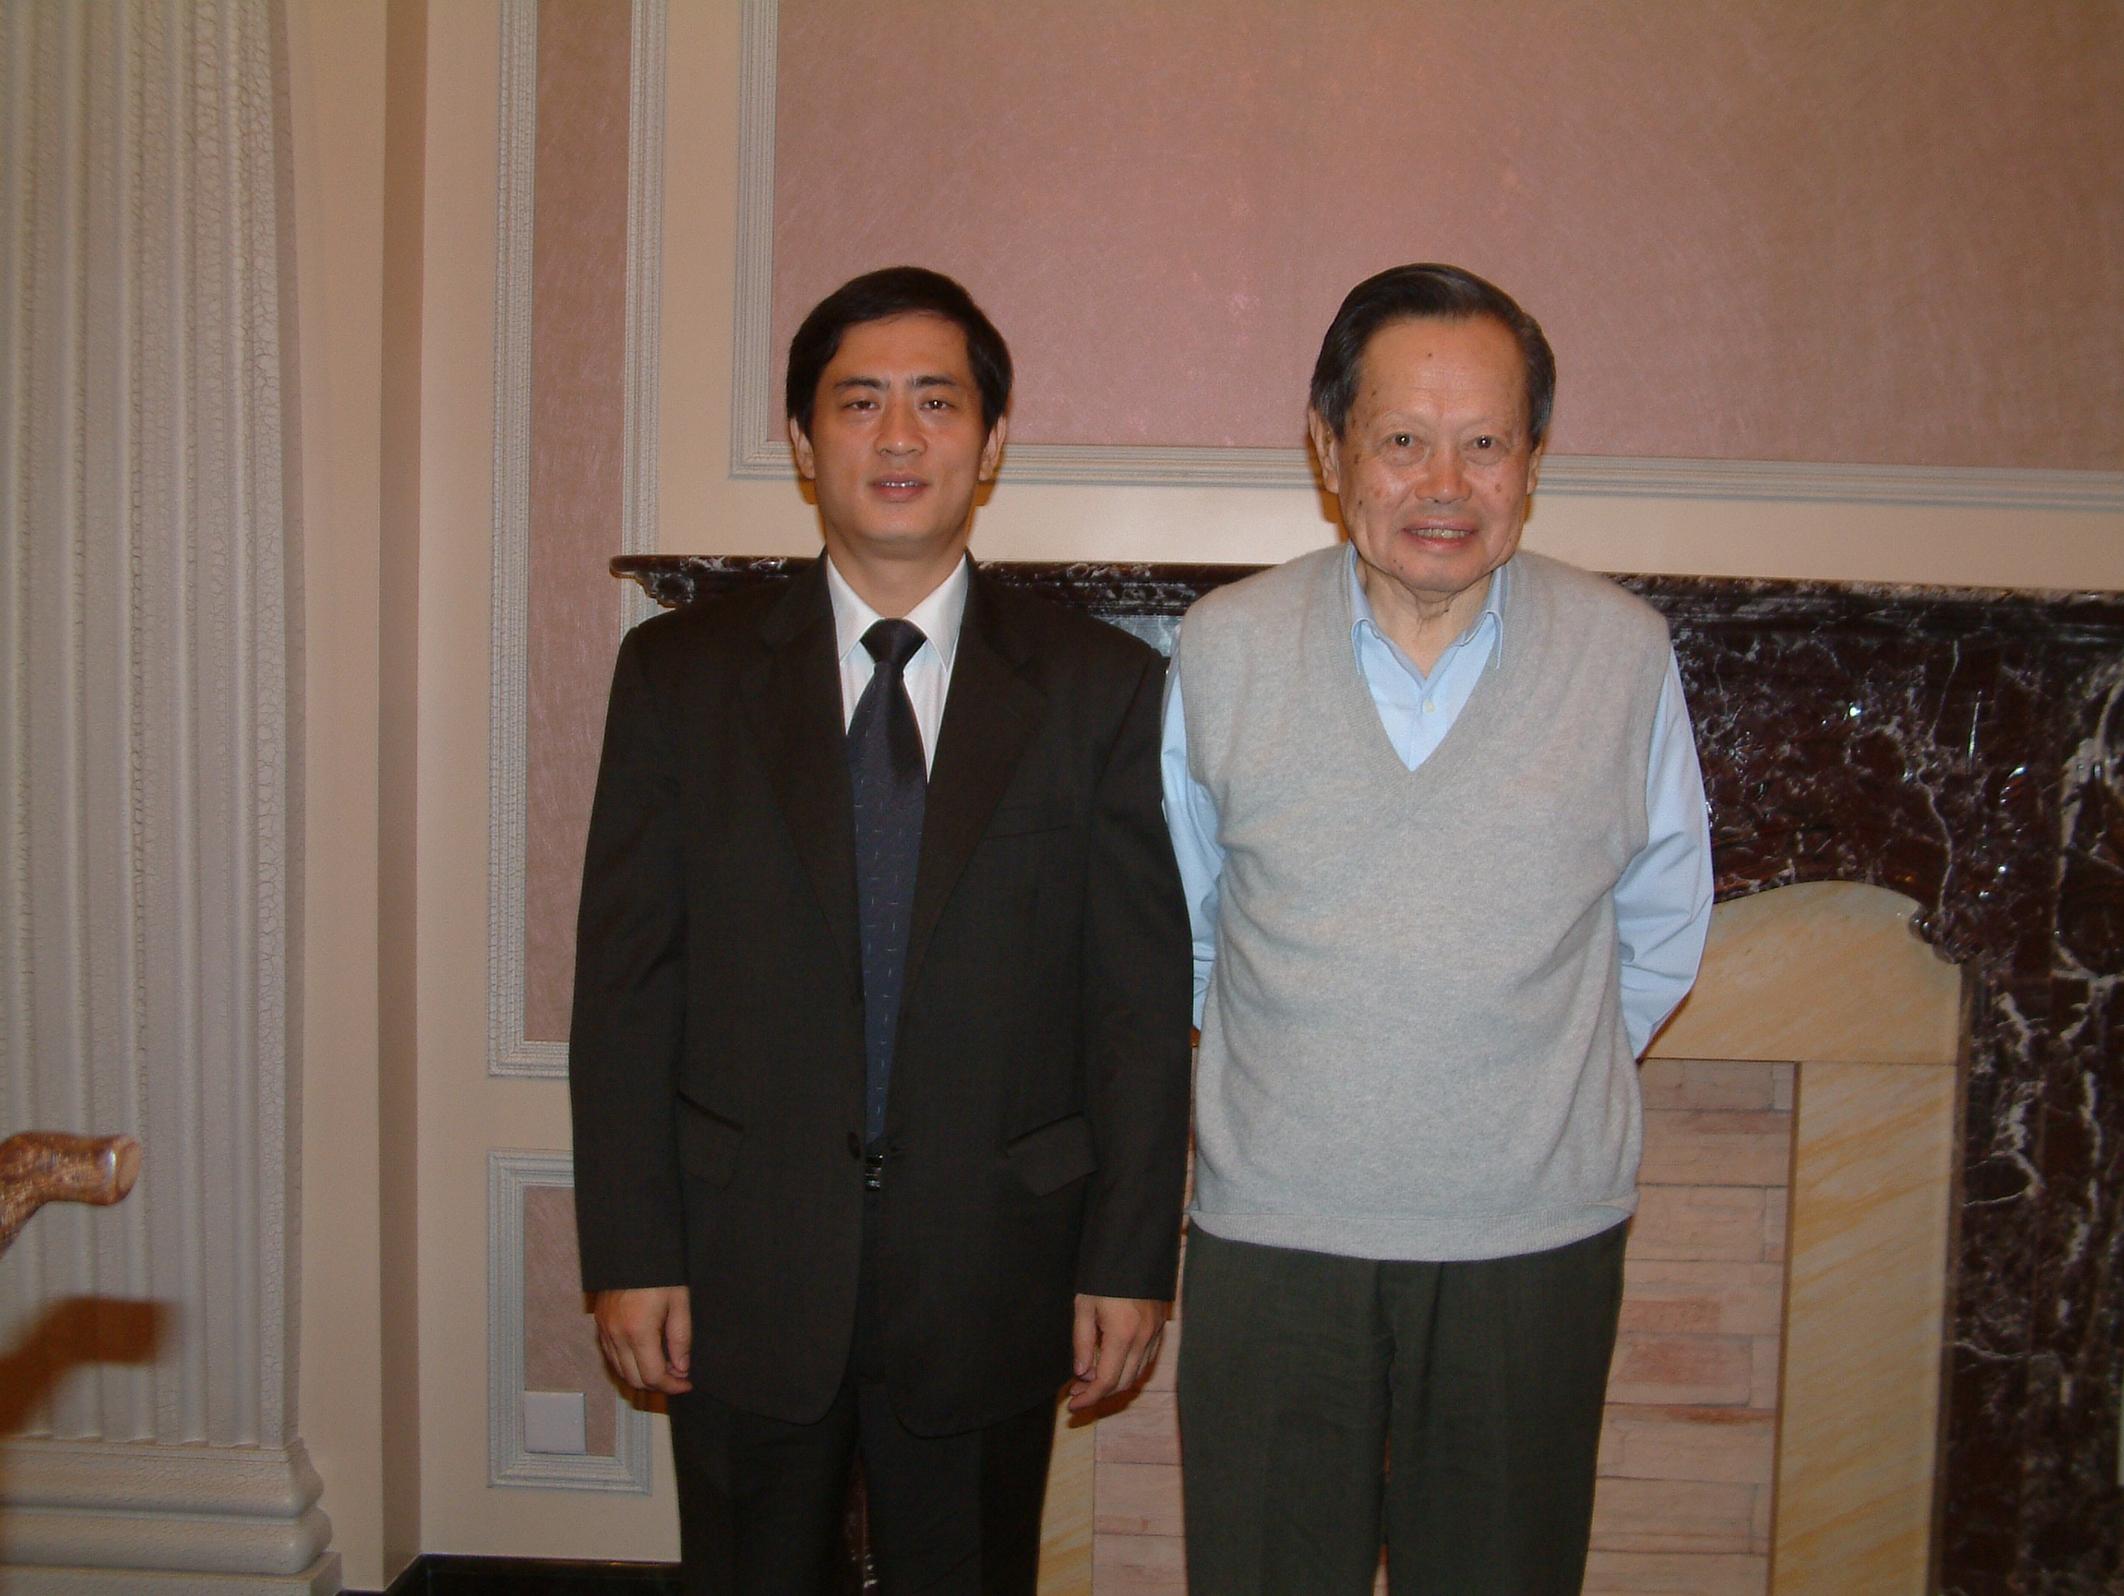 陈斌总裁与诺贝尔物理学奖得主杨振宁合影